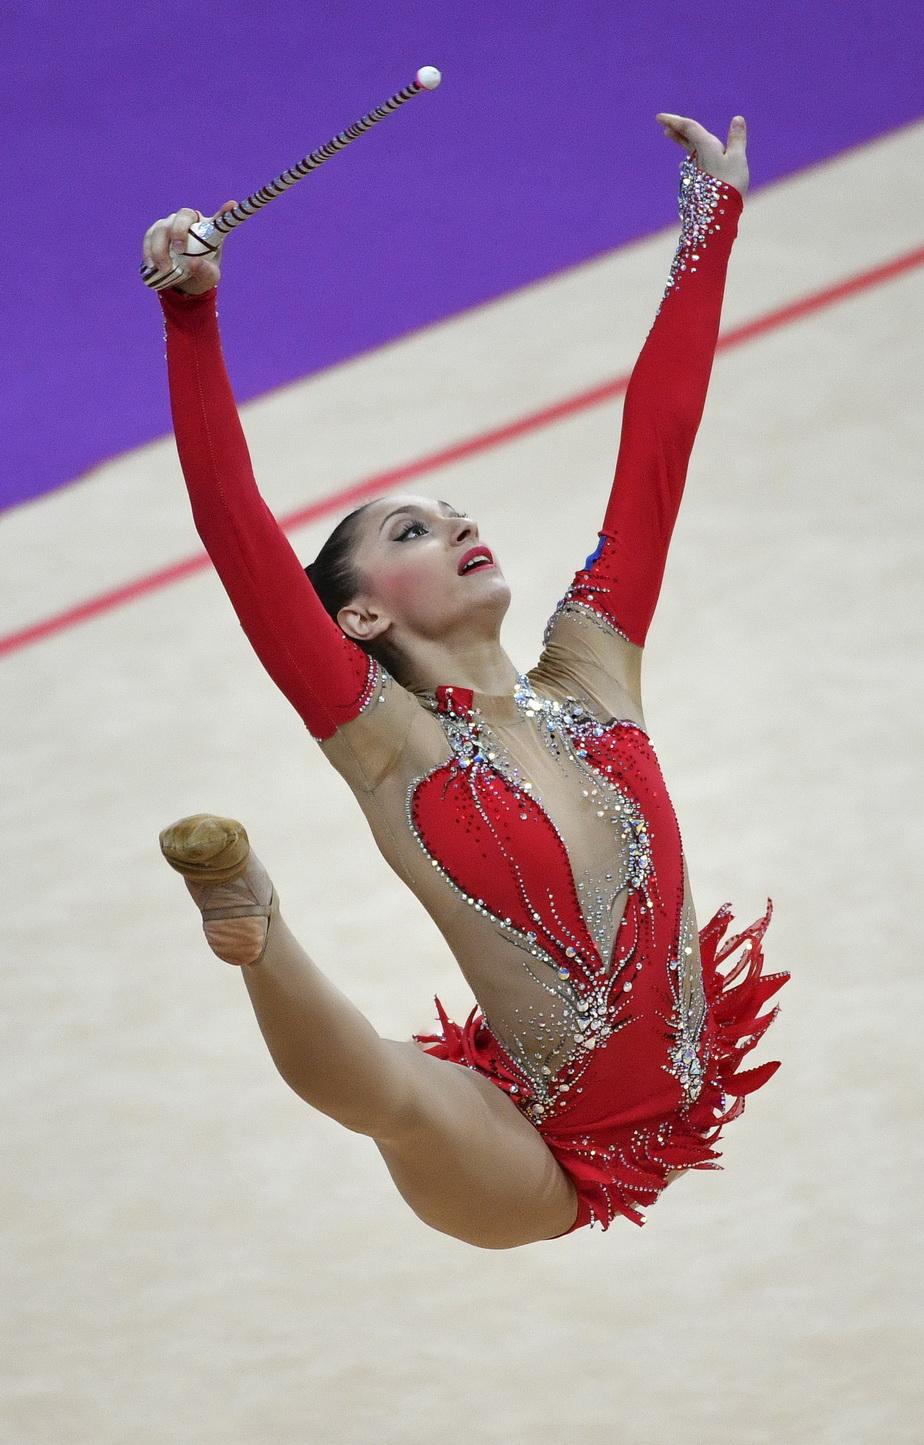 Imagini superbe cu o sportivă româncă! Ana Luiza Filiorianu a oferit un spectacol complet